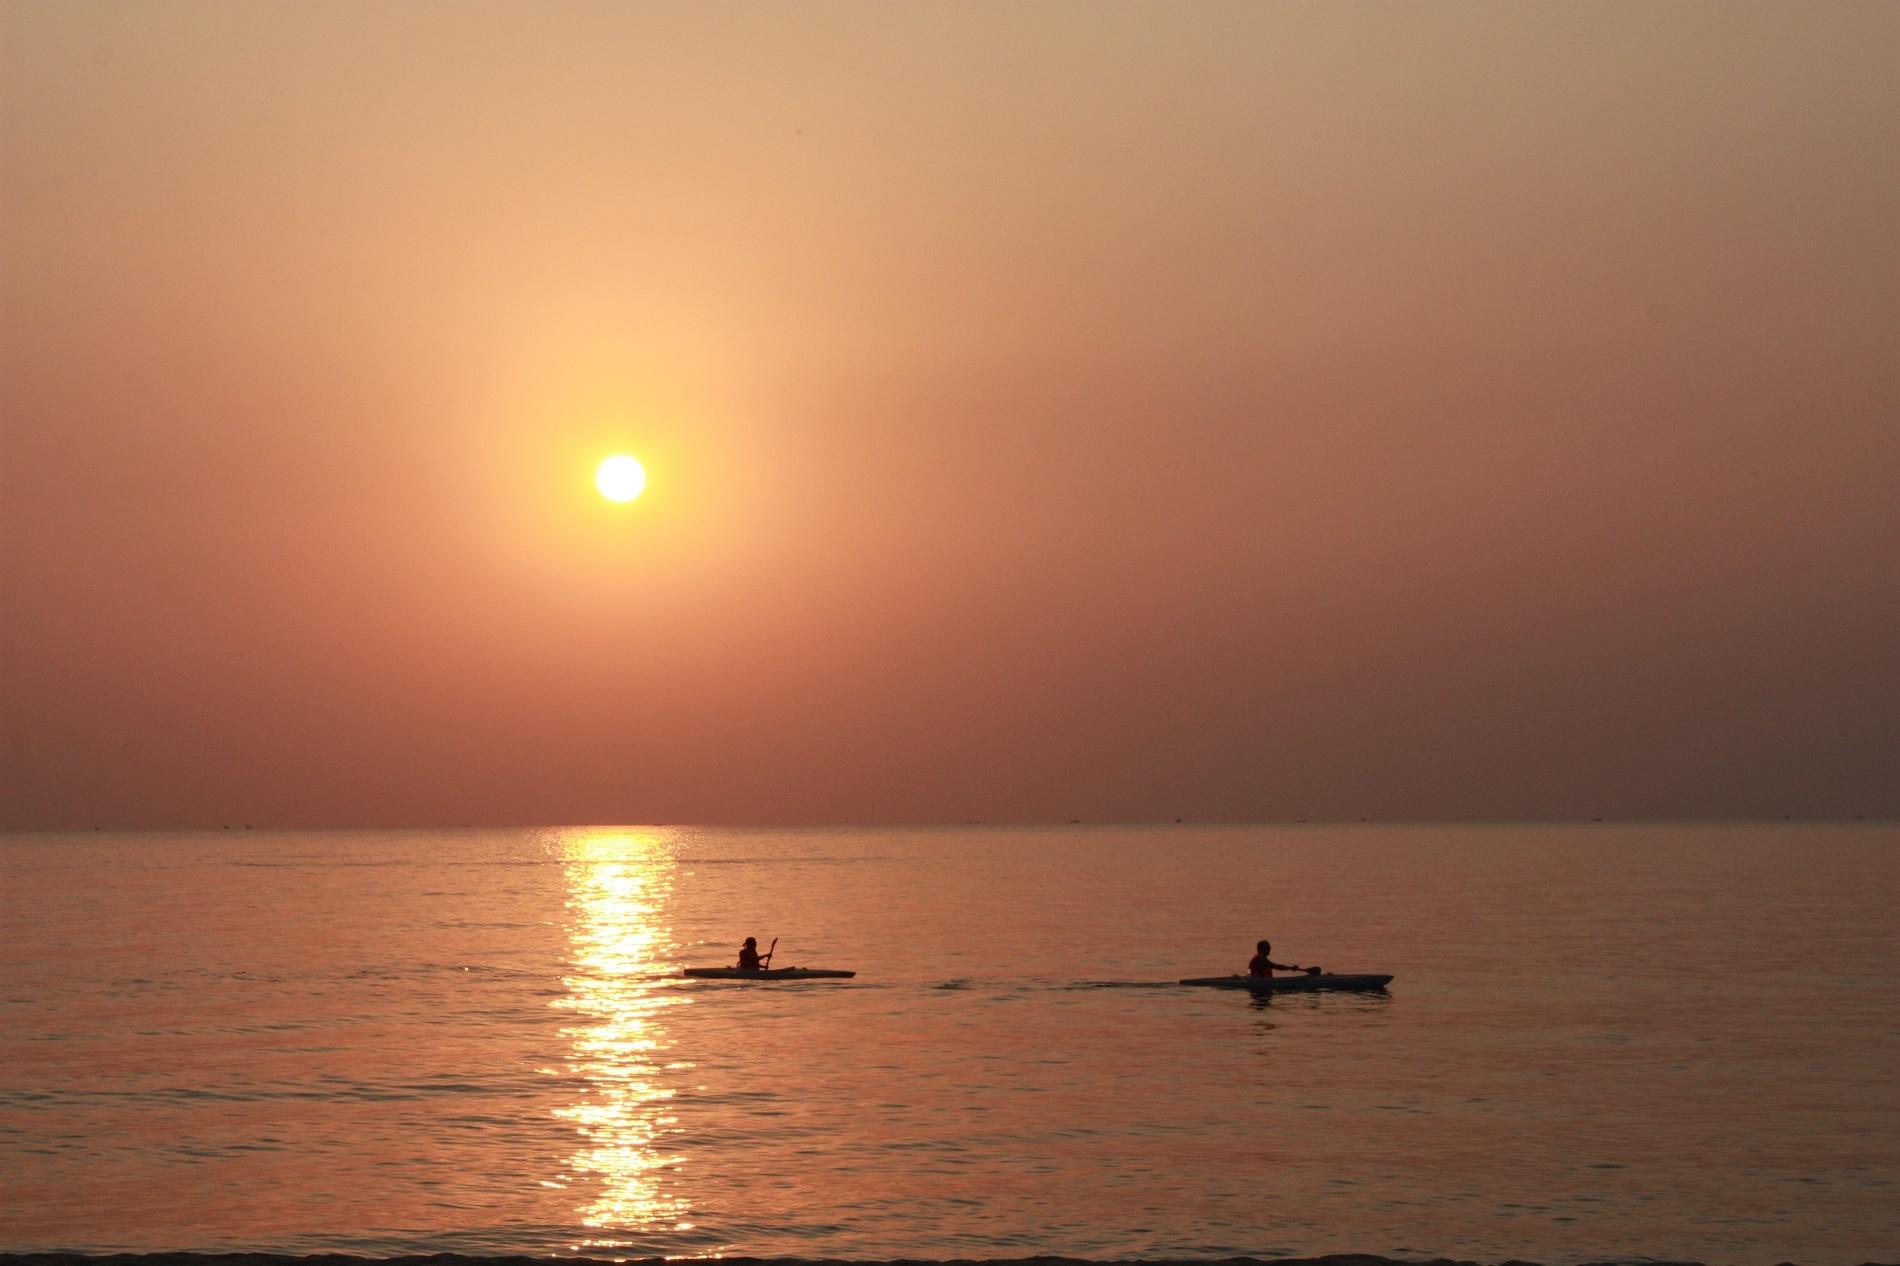 Chèo thuyền kayak trong ánh hoàng hôn. Ảnh: Anastasiia Cherniavskaia/Shutterstock.